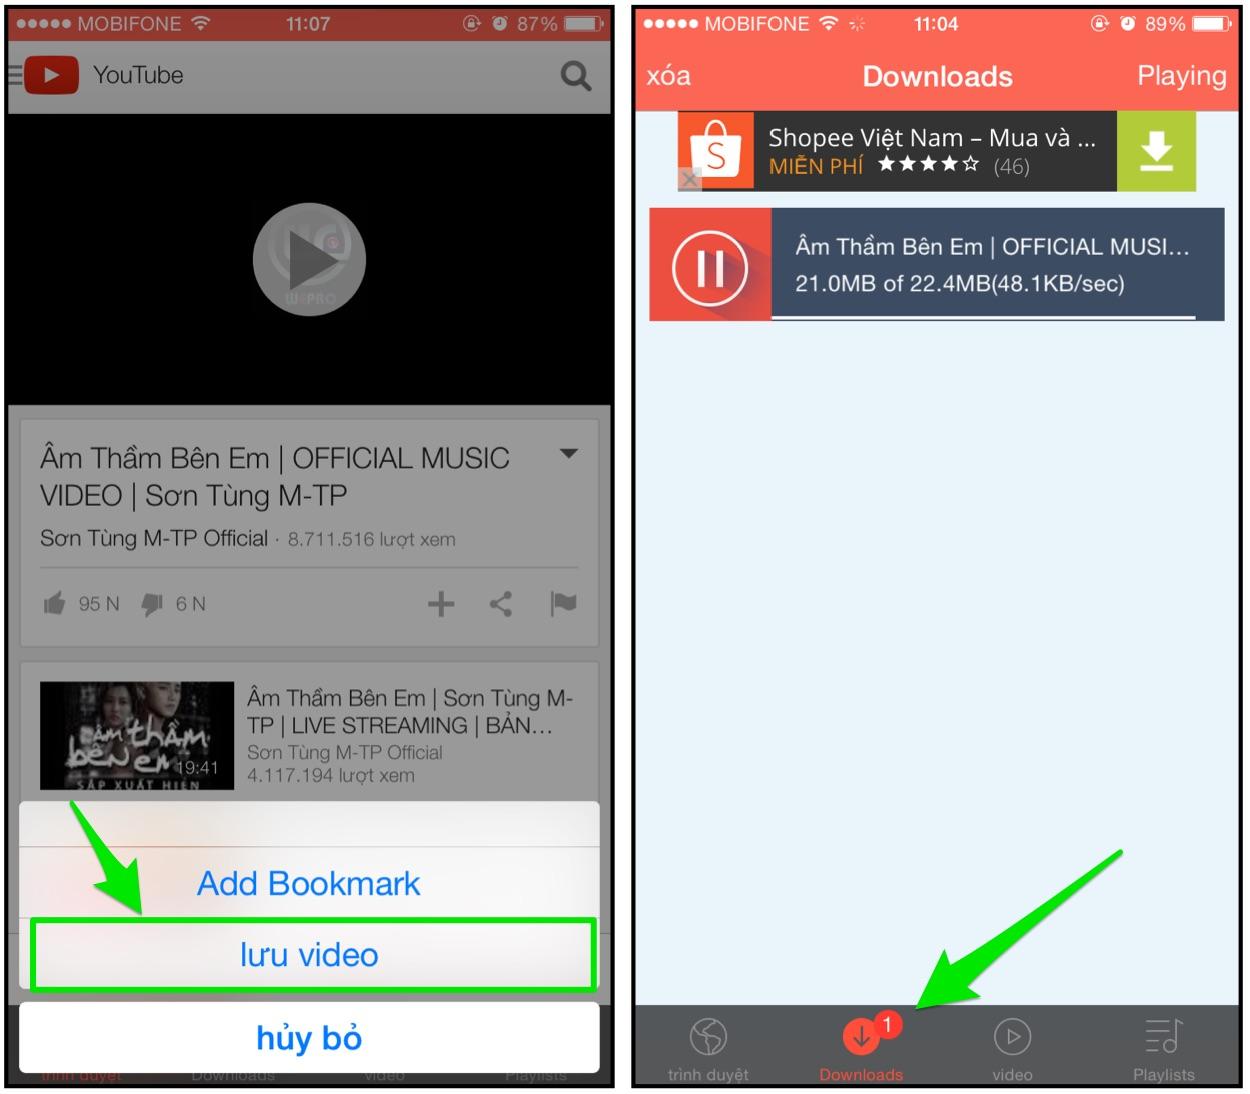 Làm thế nào để tải video Instagram trên iPhone, iPad nhanh chóng?